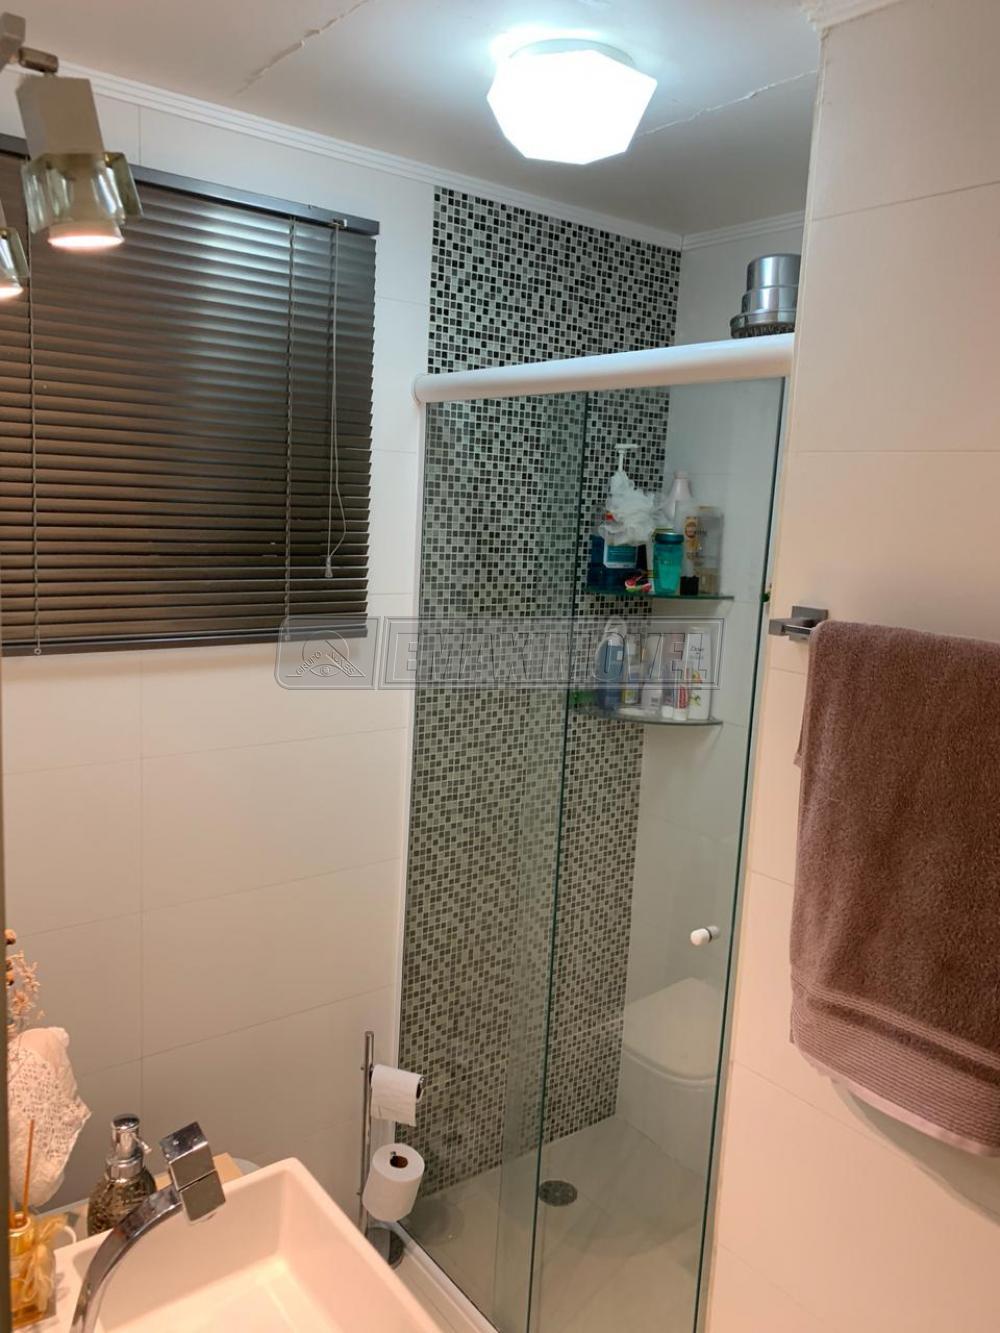 Comprar Apartamento / Padrão em Sorocaba R$ 195.000,00 - Foto 9